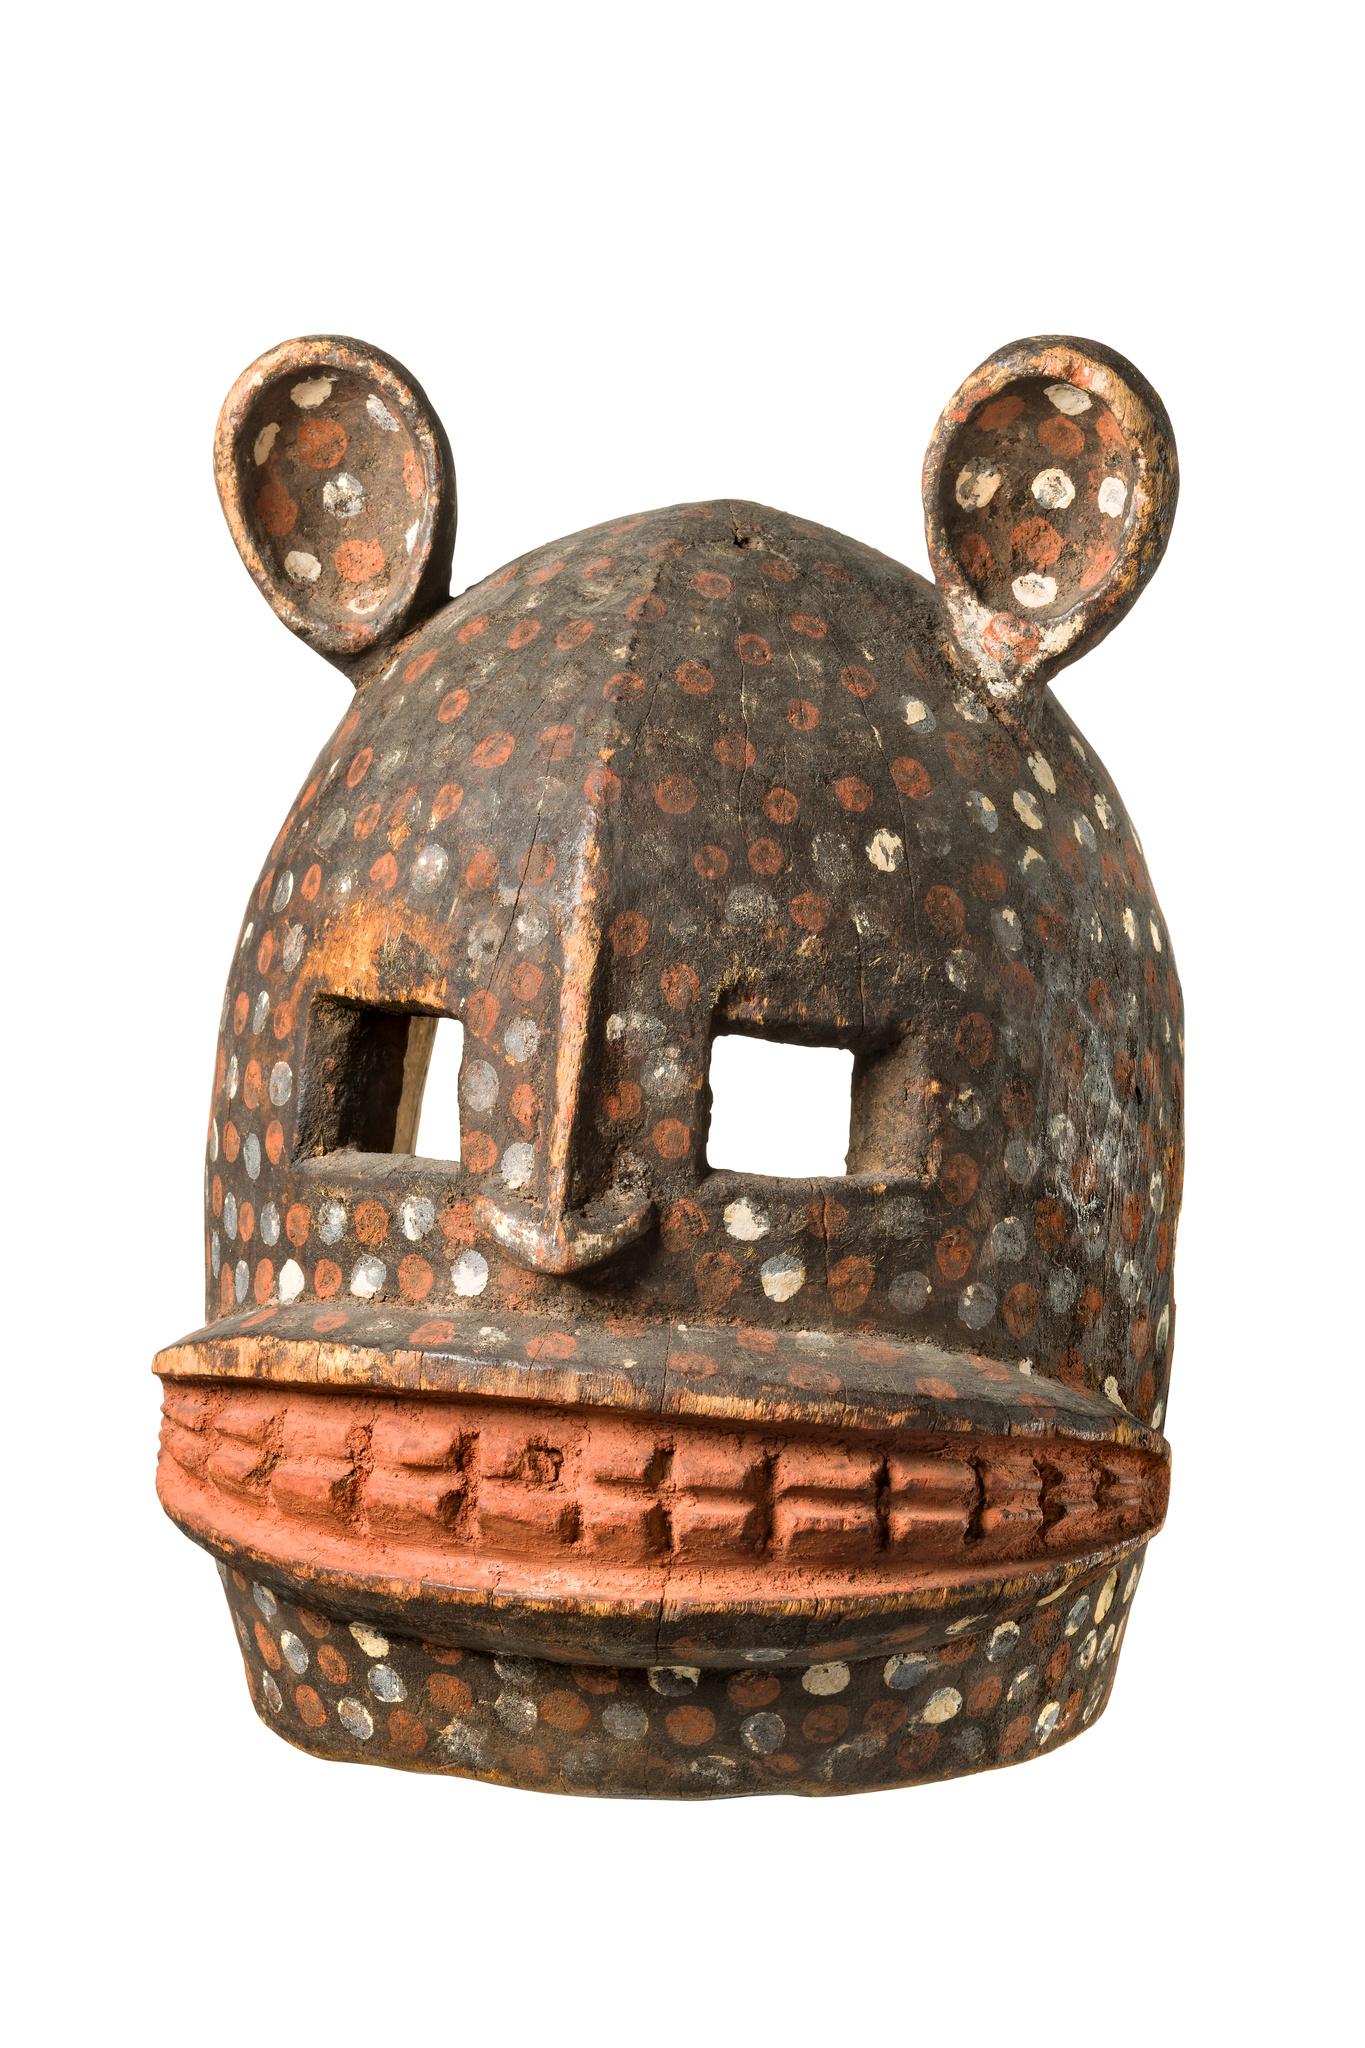 Hyänen- oder Gepardenmaske